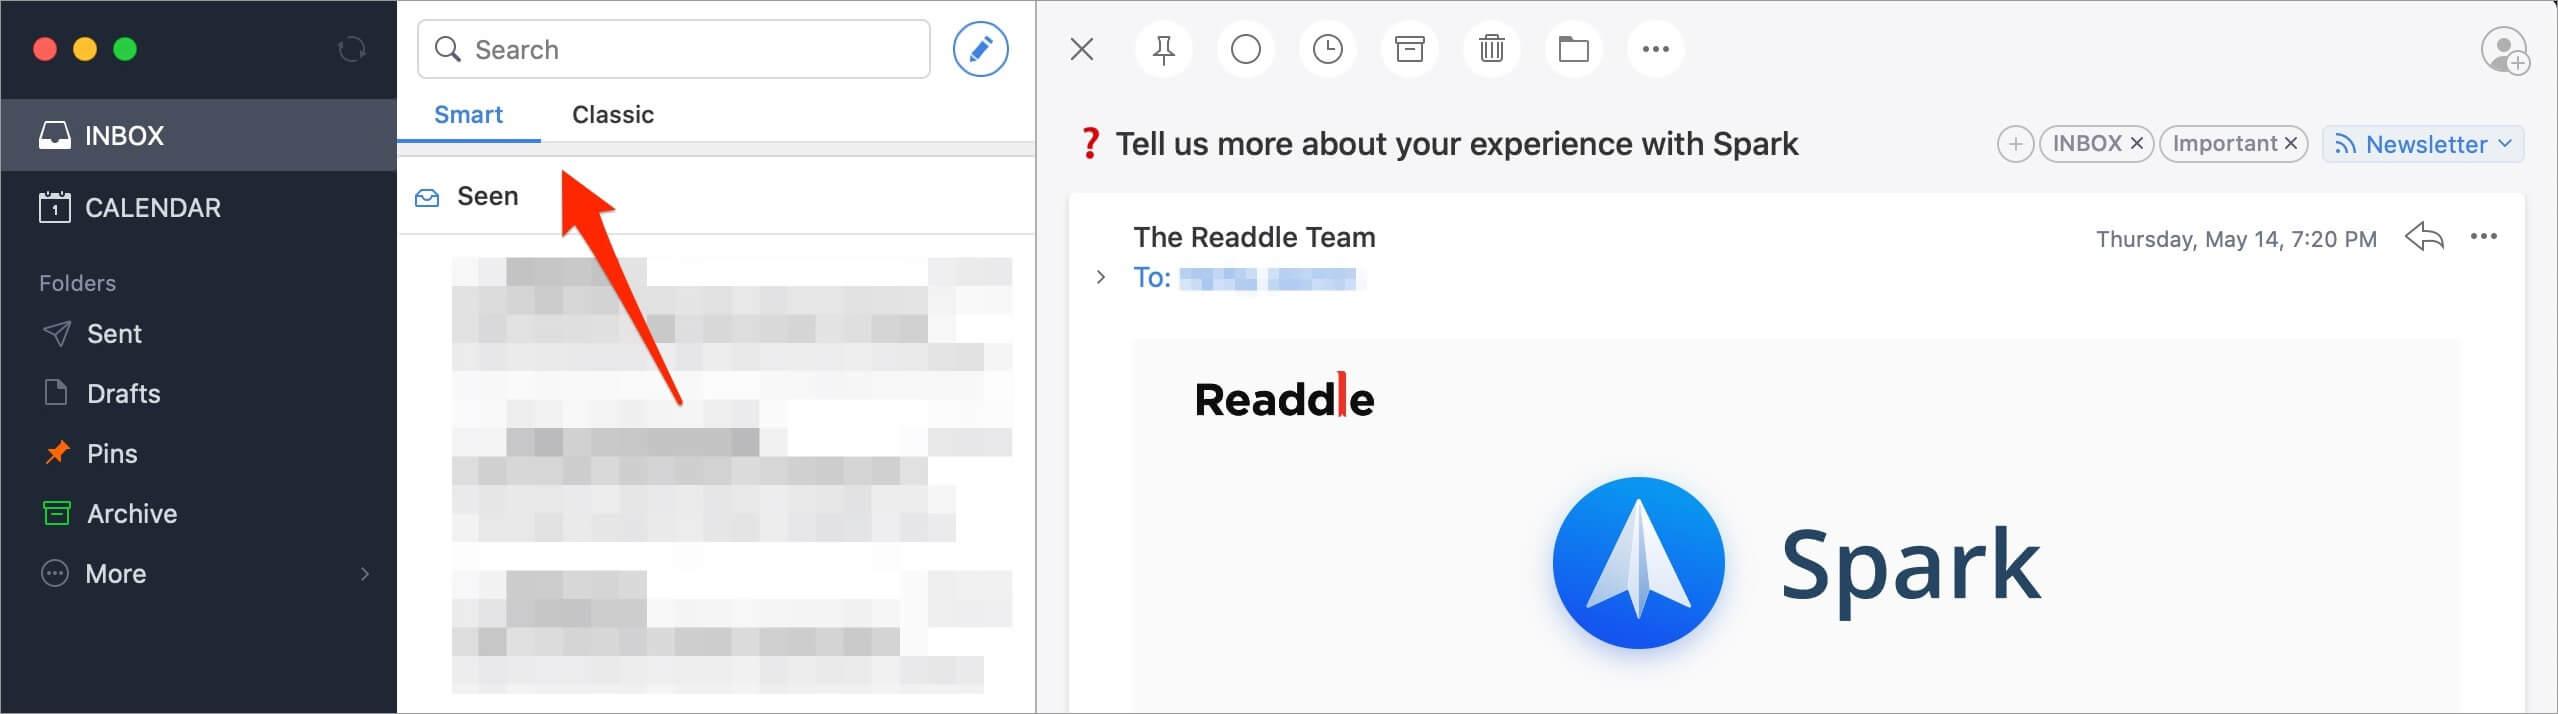 Spark email smart inbox